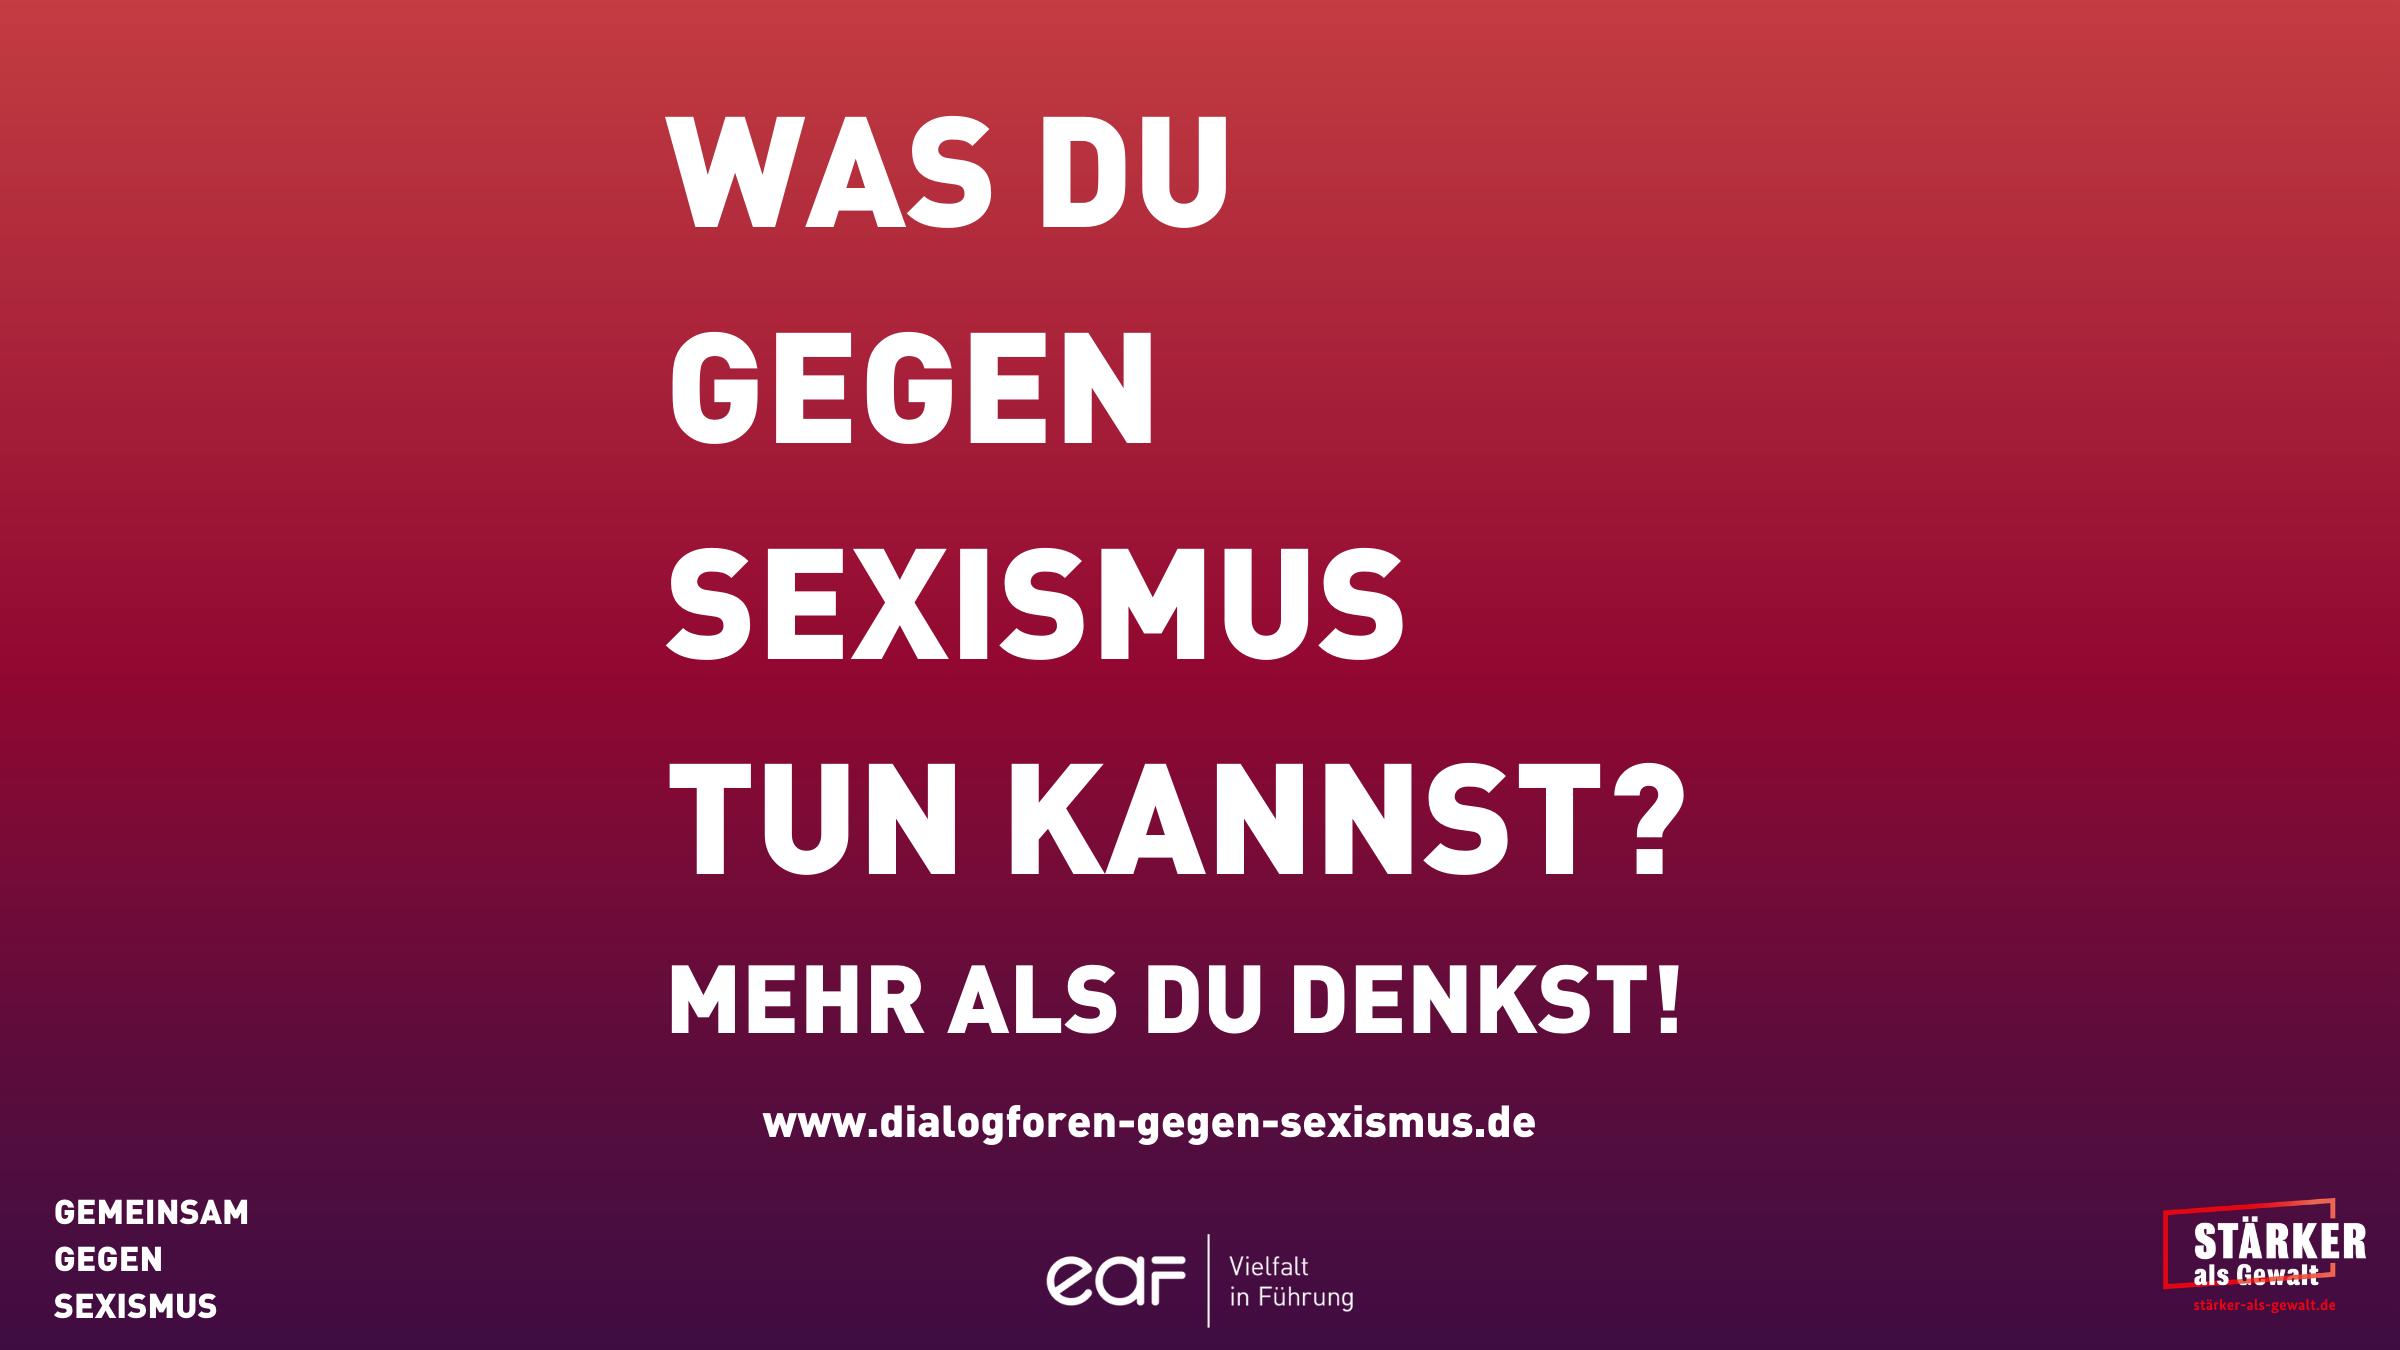 Was du gegen Sexismus zun kannst? Mehr als du denkst!